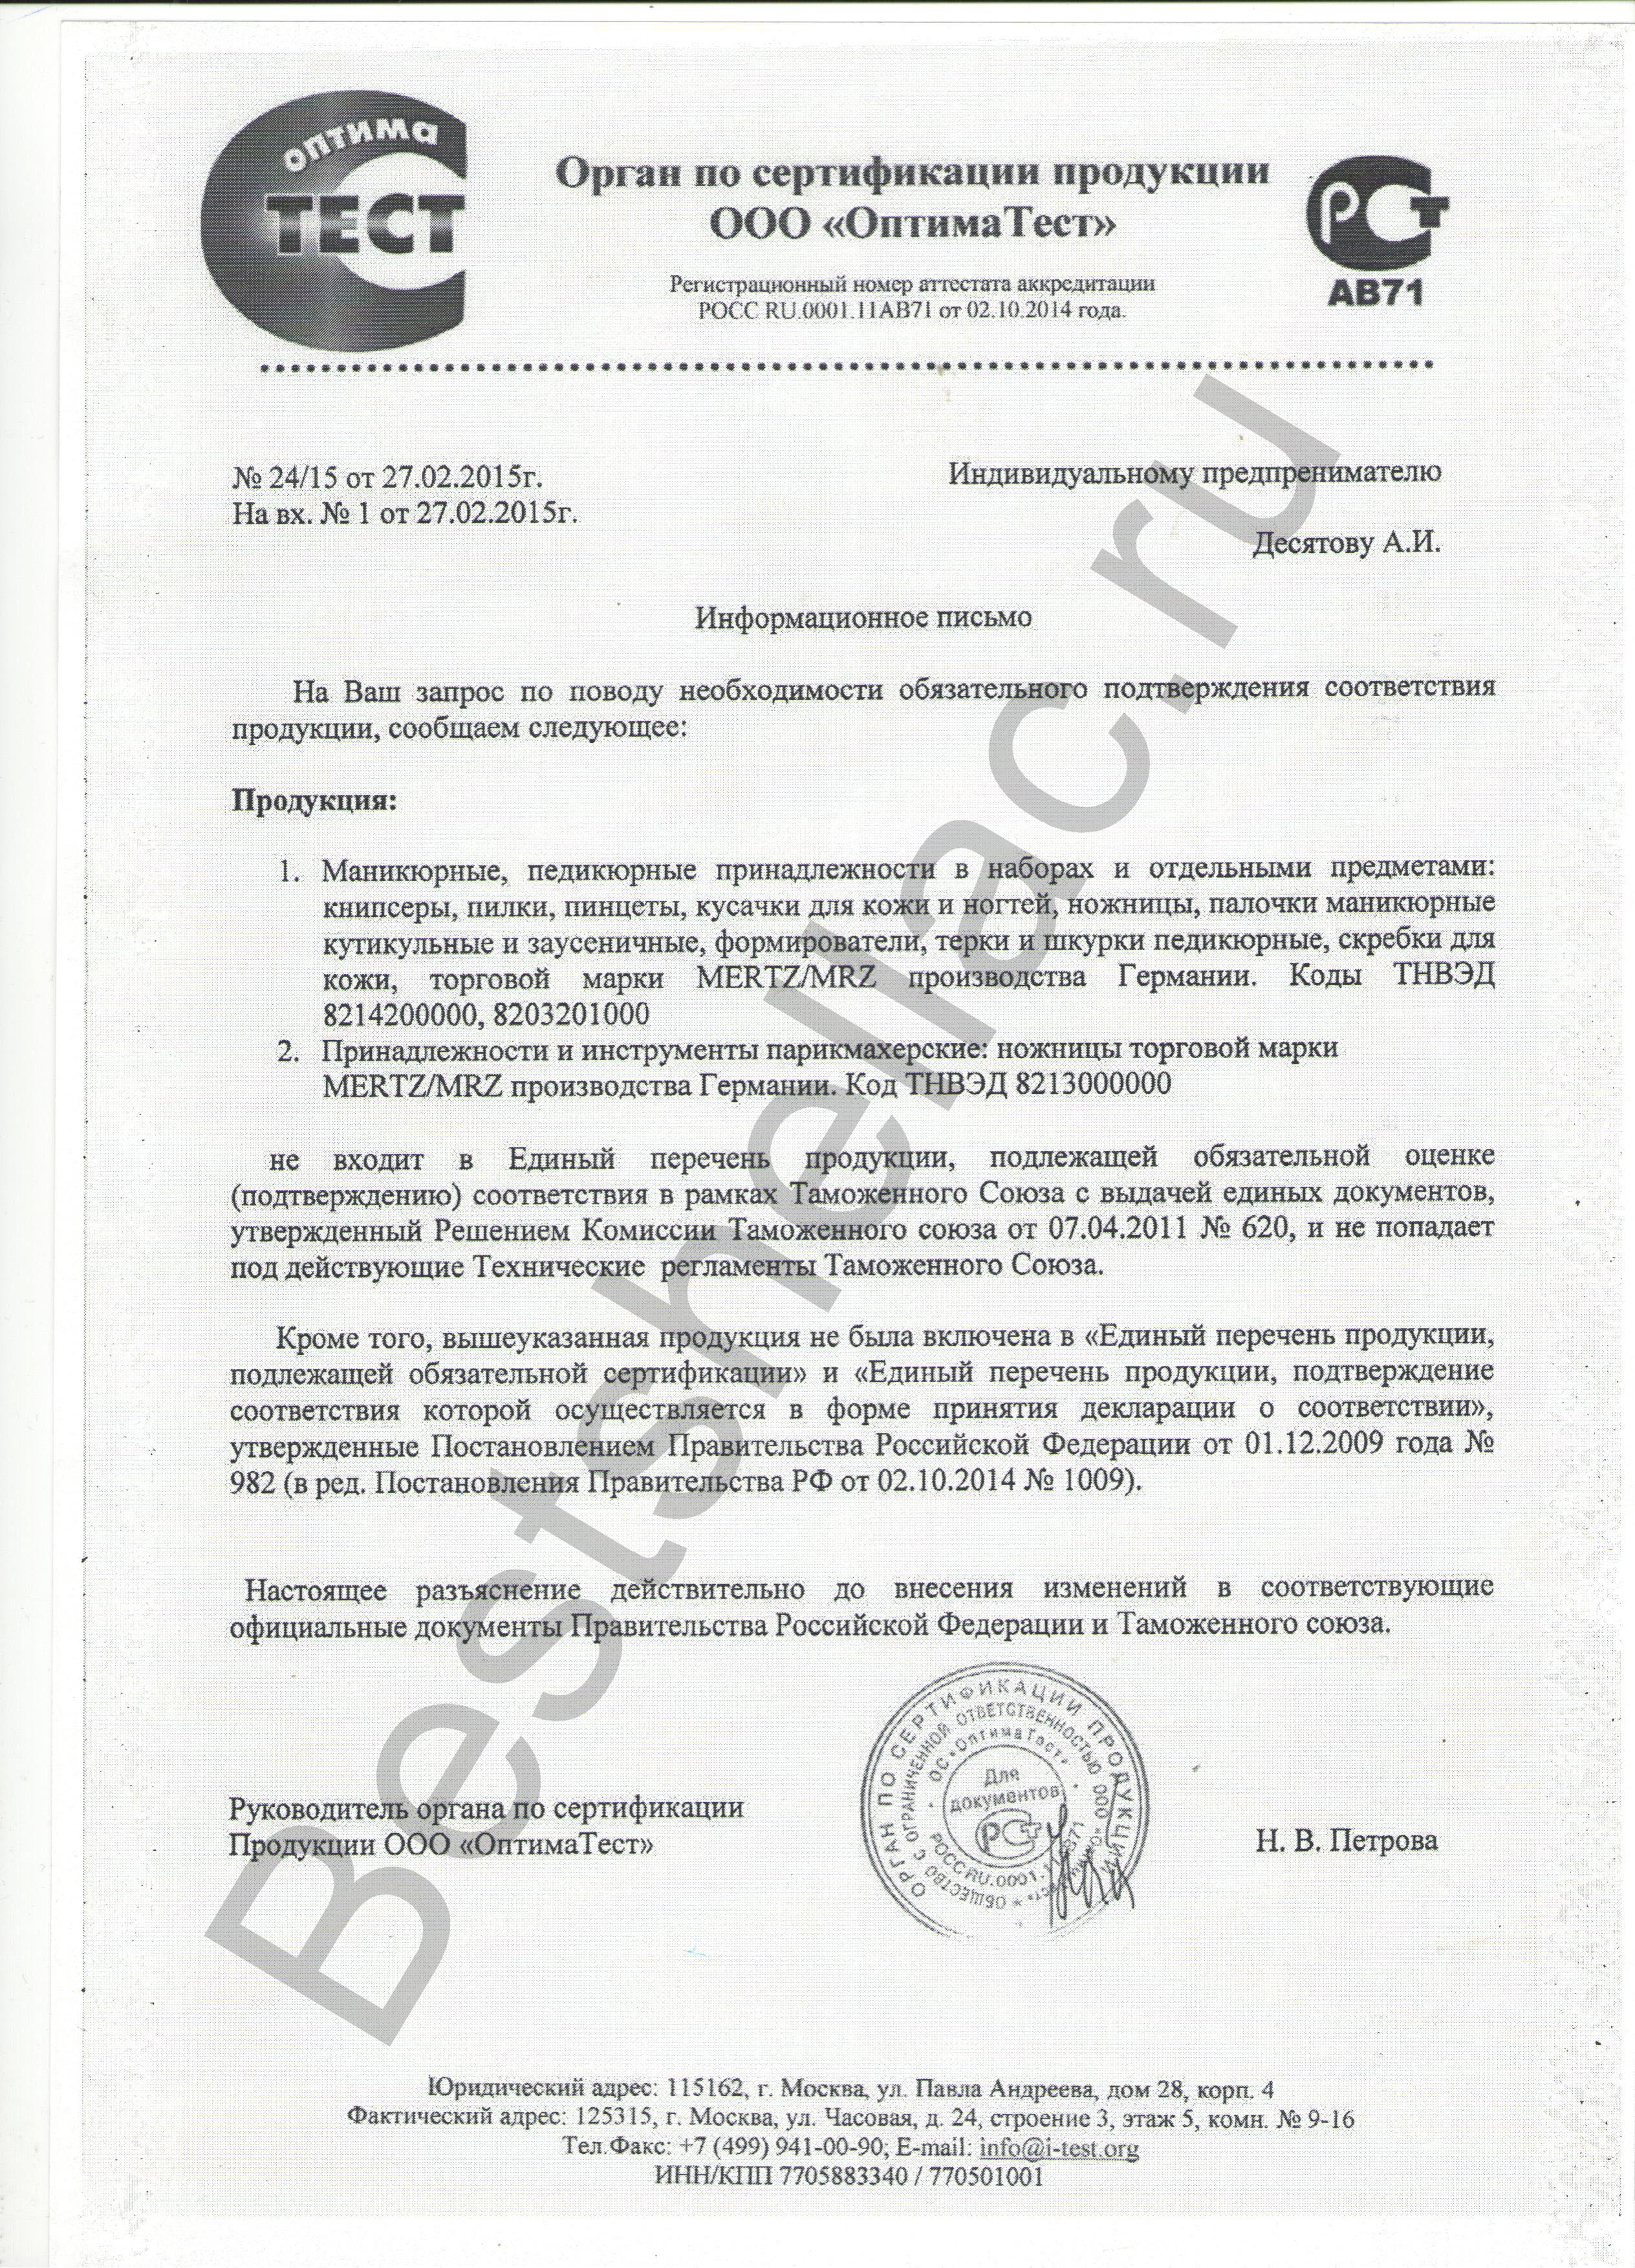 1мертц_сертификат-вод.jpg